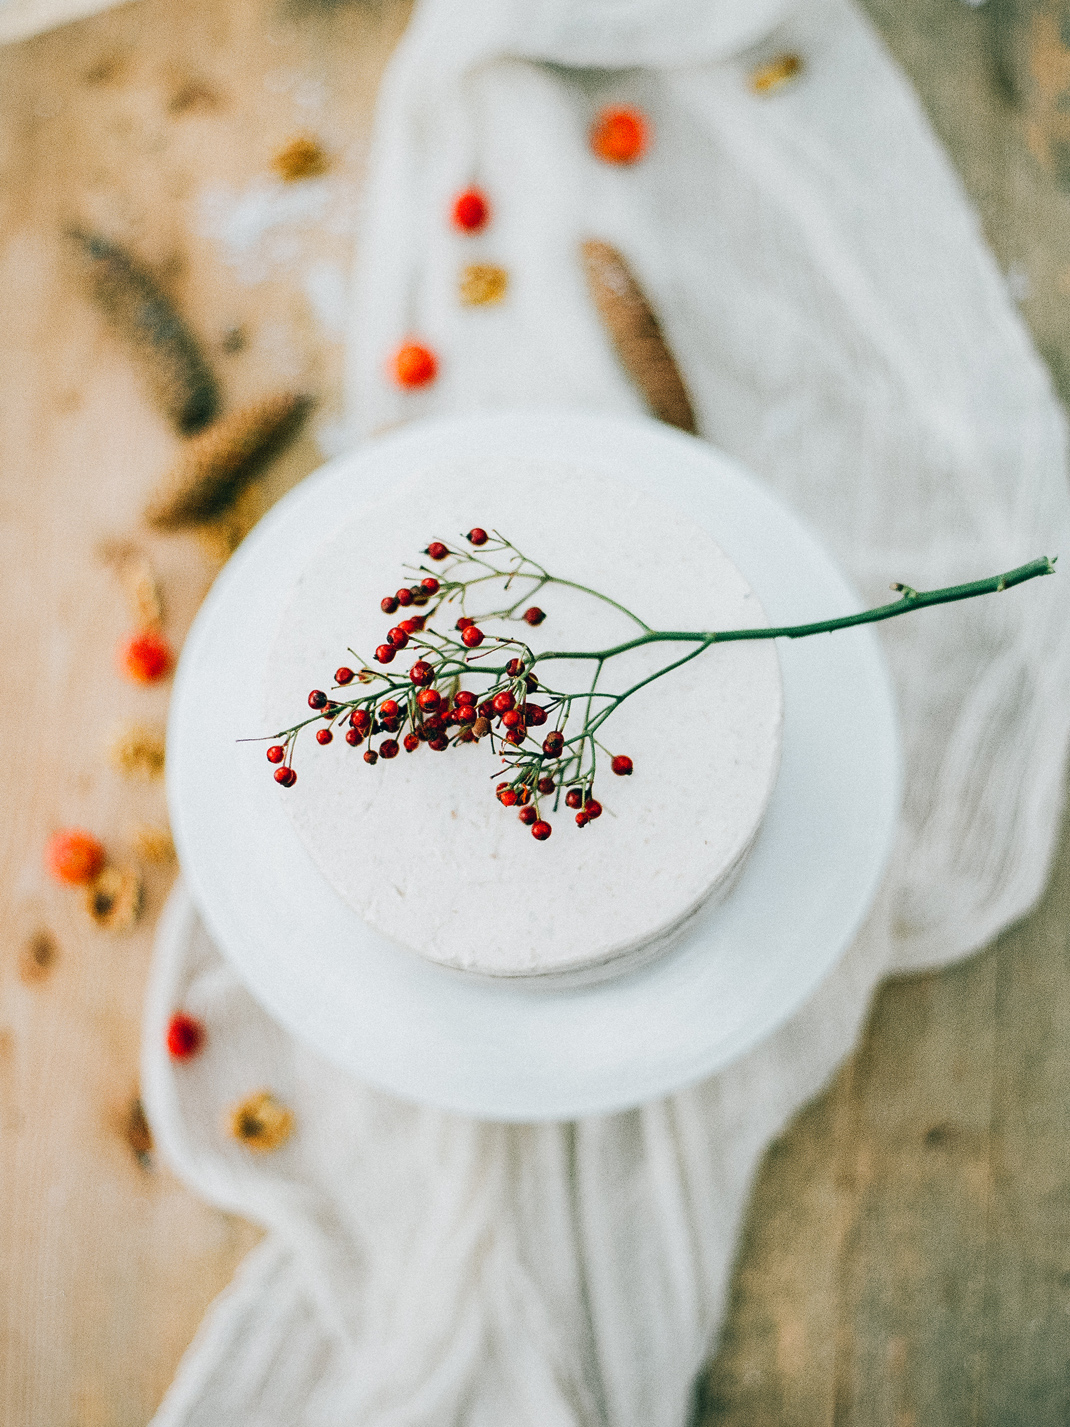 Silvia Fischer. echte kuchenliebe. Weihnachtsdessert Bratapfeltorte Rezept